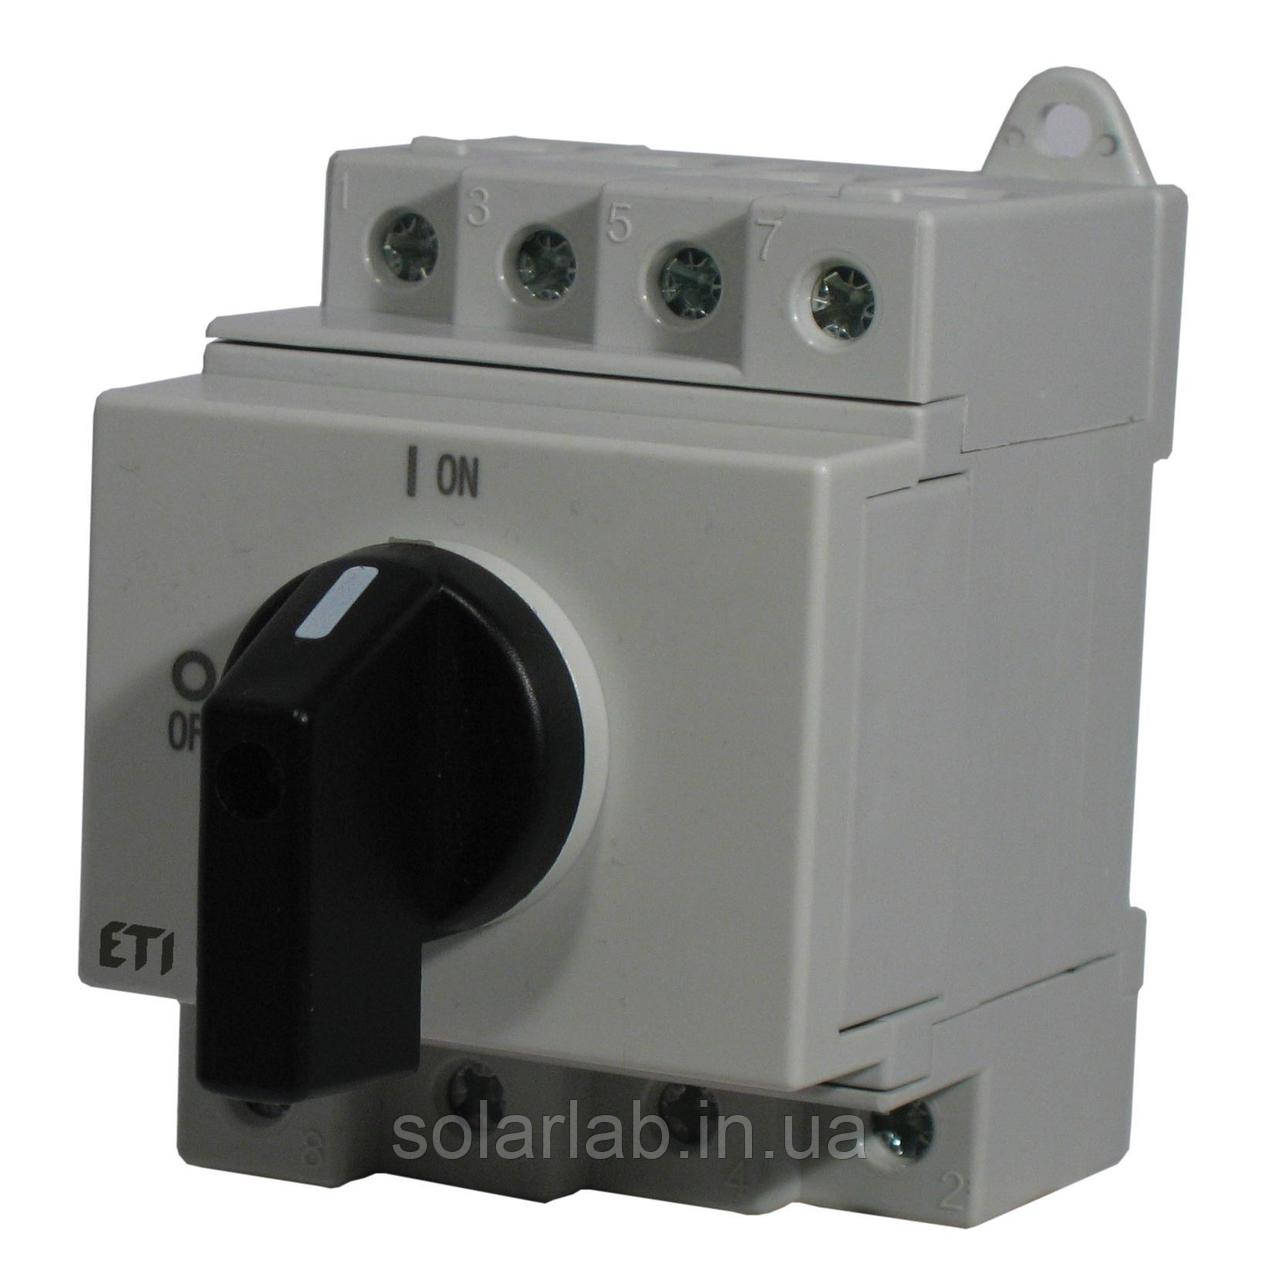 Выключатель нагрузки LS 32 SMA А4 ETI